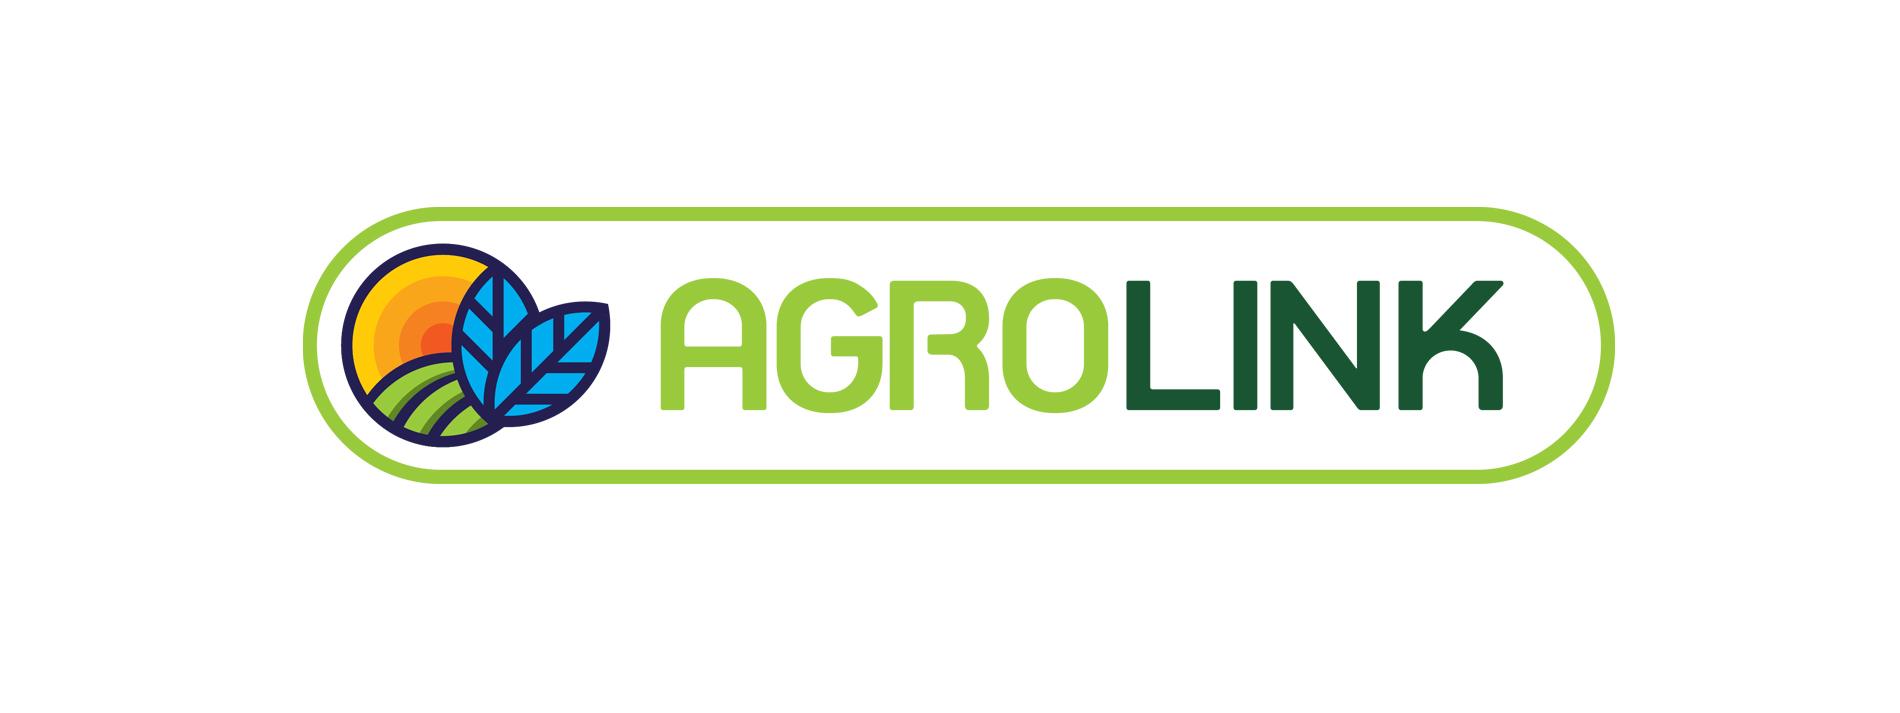 agrolink_logo1900X600